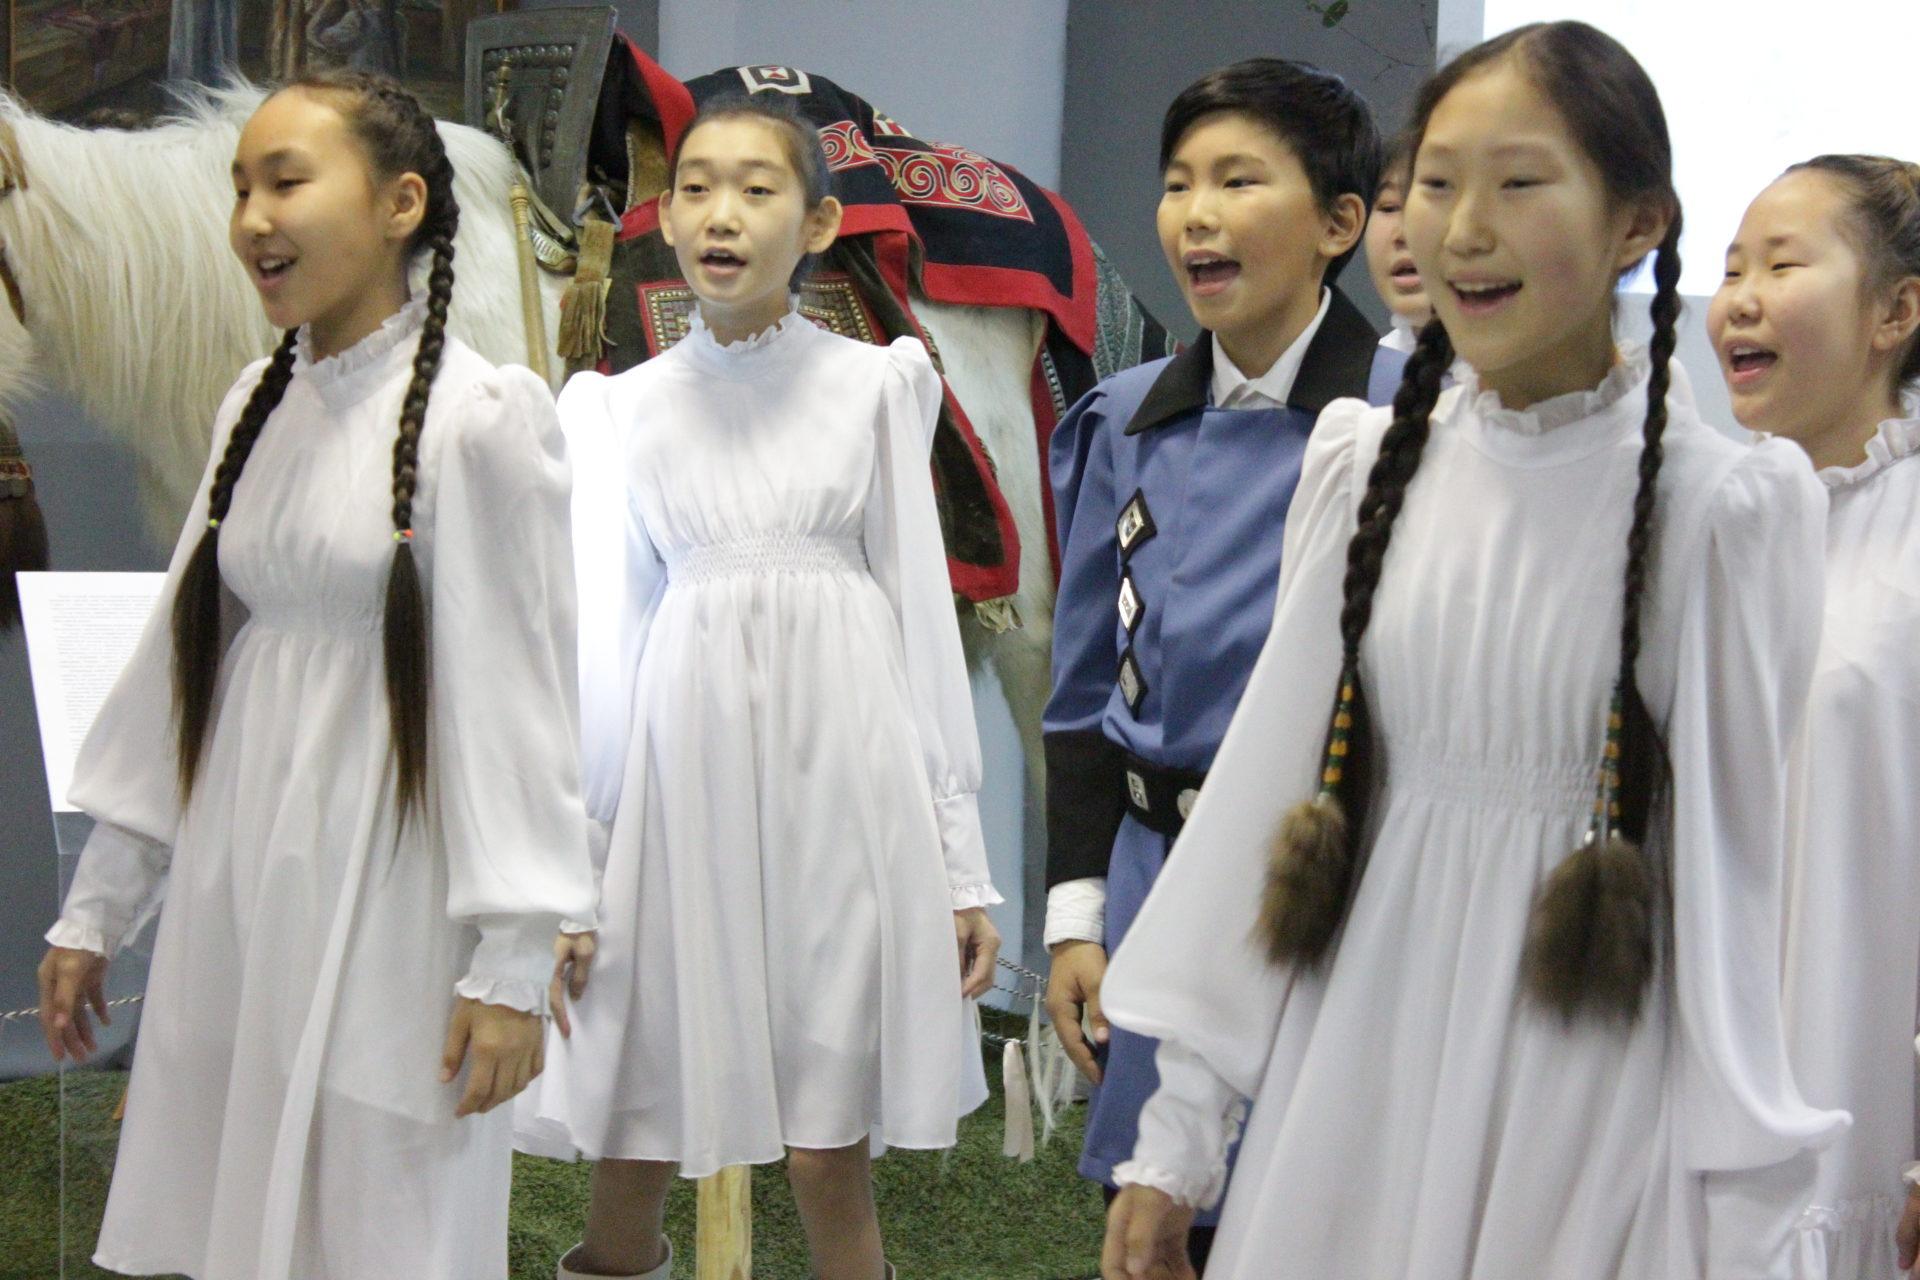 В Якутске открылась выставка дополнительного образования  «Духовность. Творчество. Развитие»